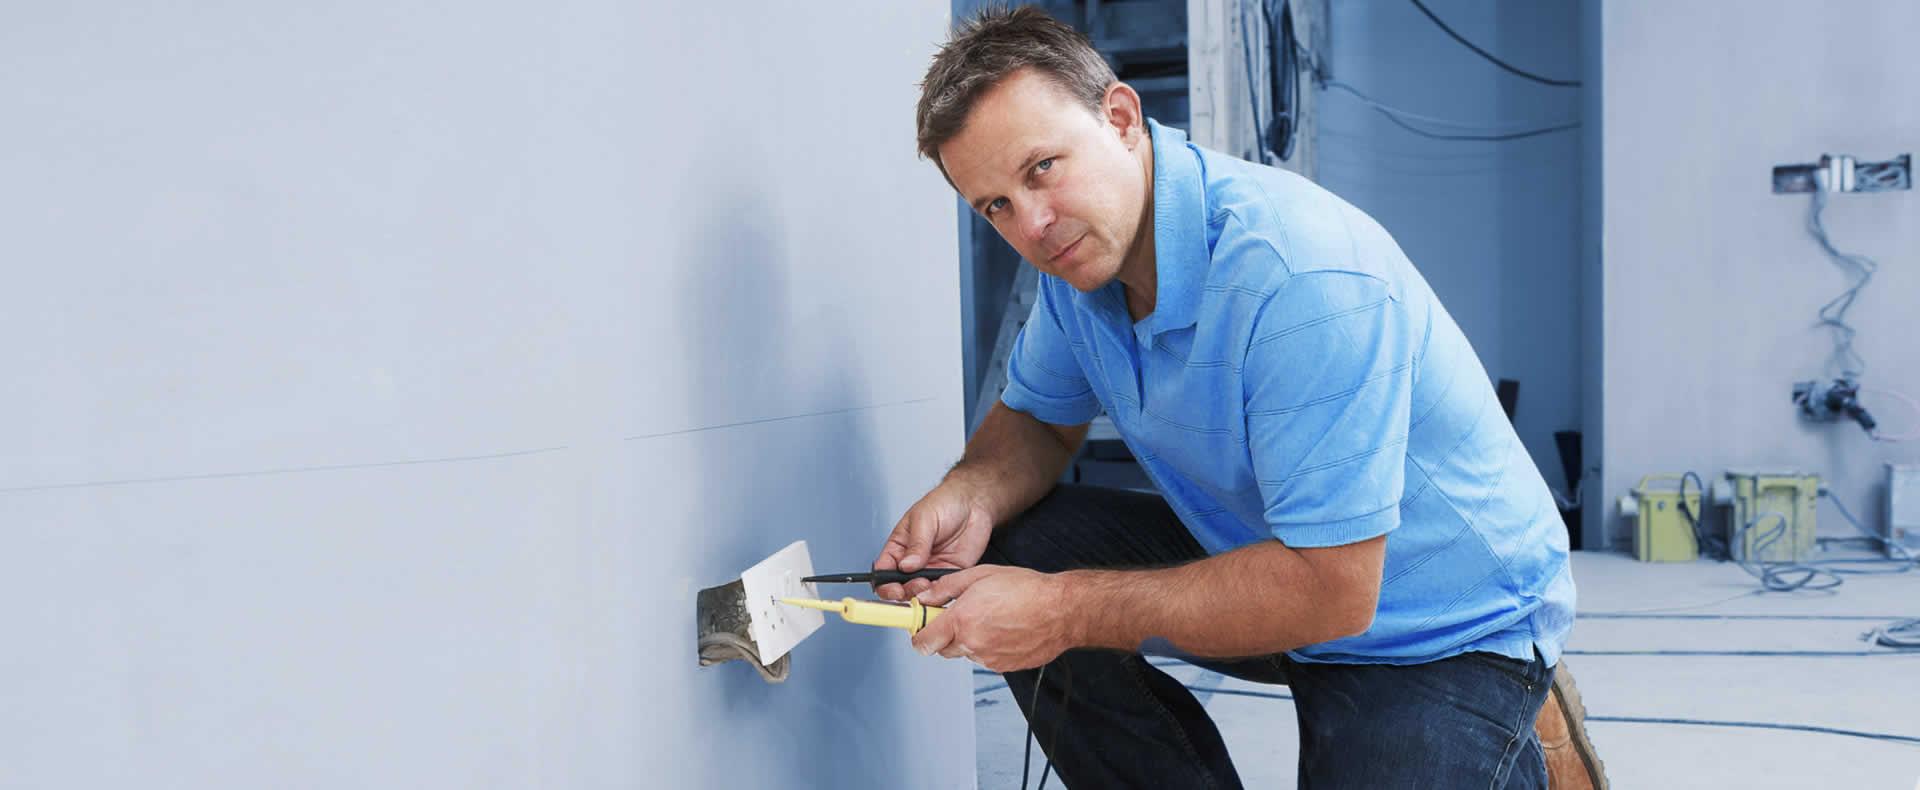 Elektriker bei der Installation einer Steckdose